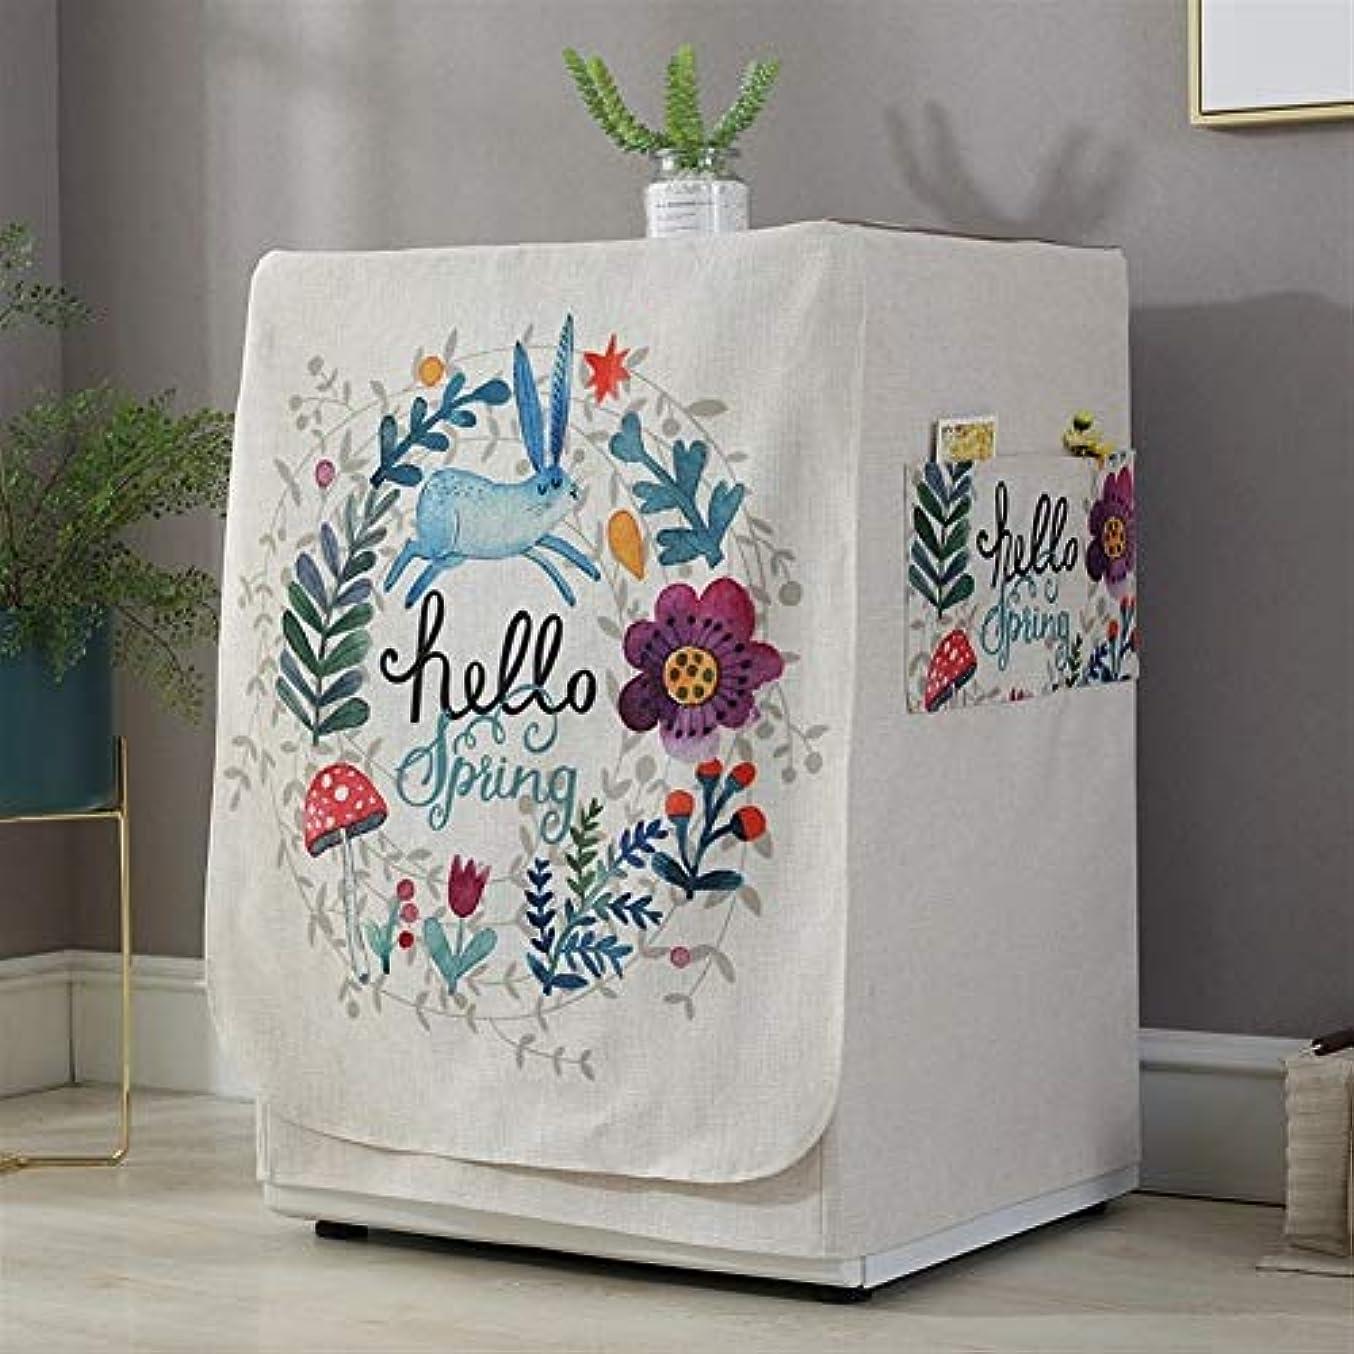 肖像画やりがいのある余剰防水用洗濯機/乾燥機全自動保護カバーフロントローディング洗濯機カバーと防塵肥厚マシン (Color : Style 7)